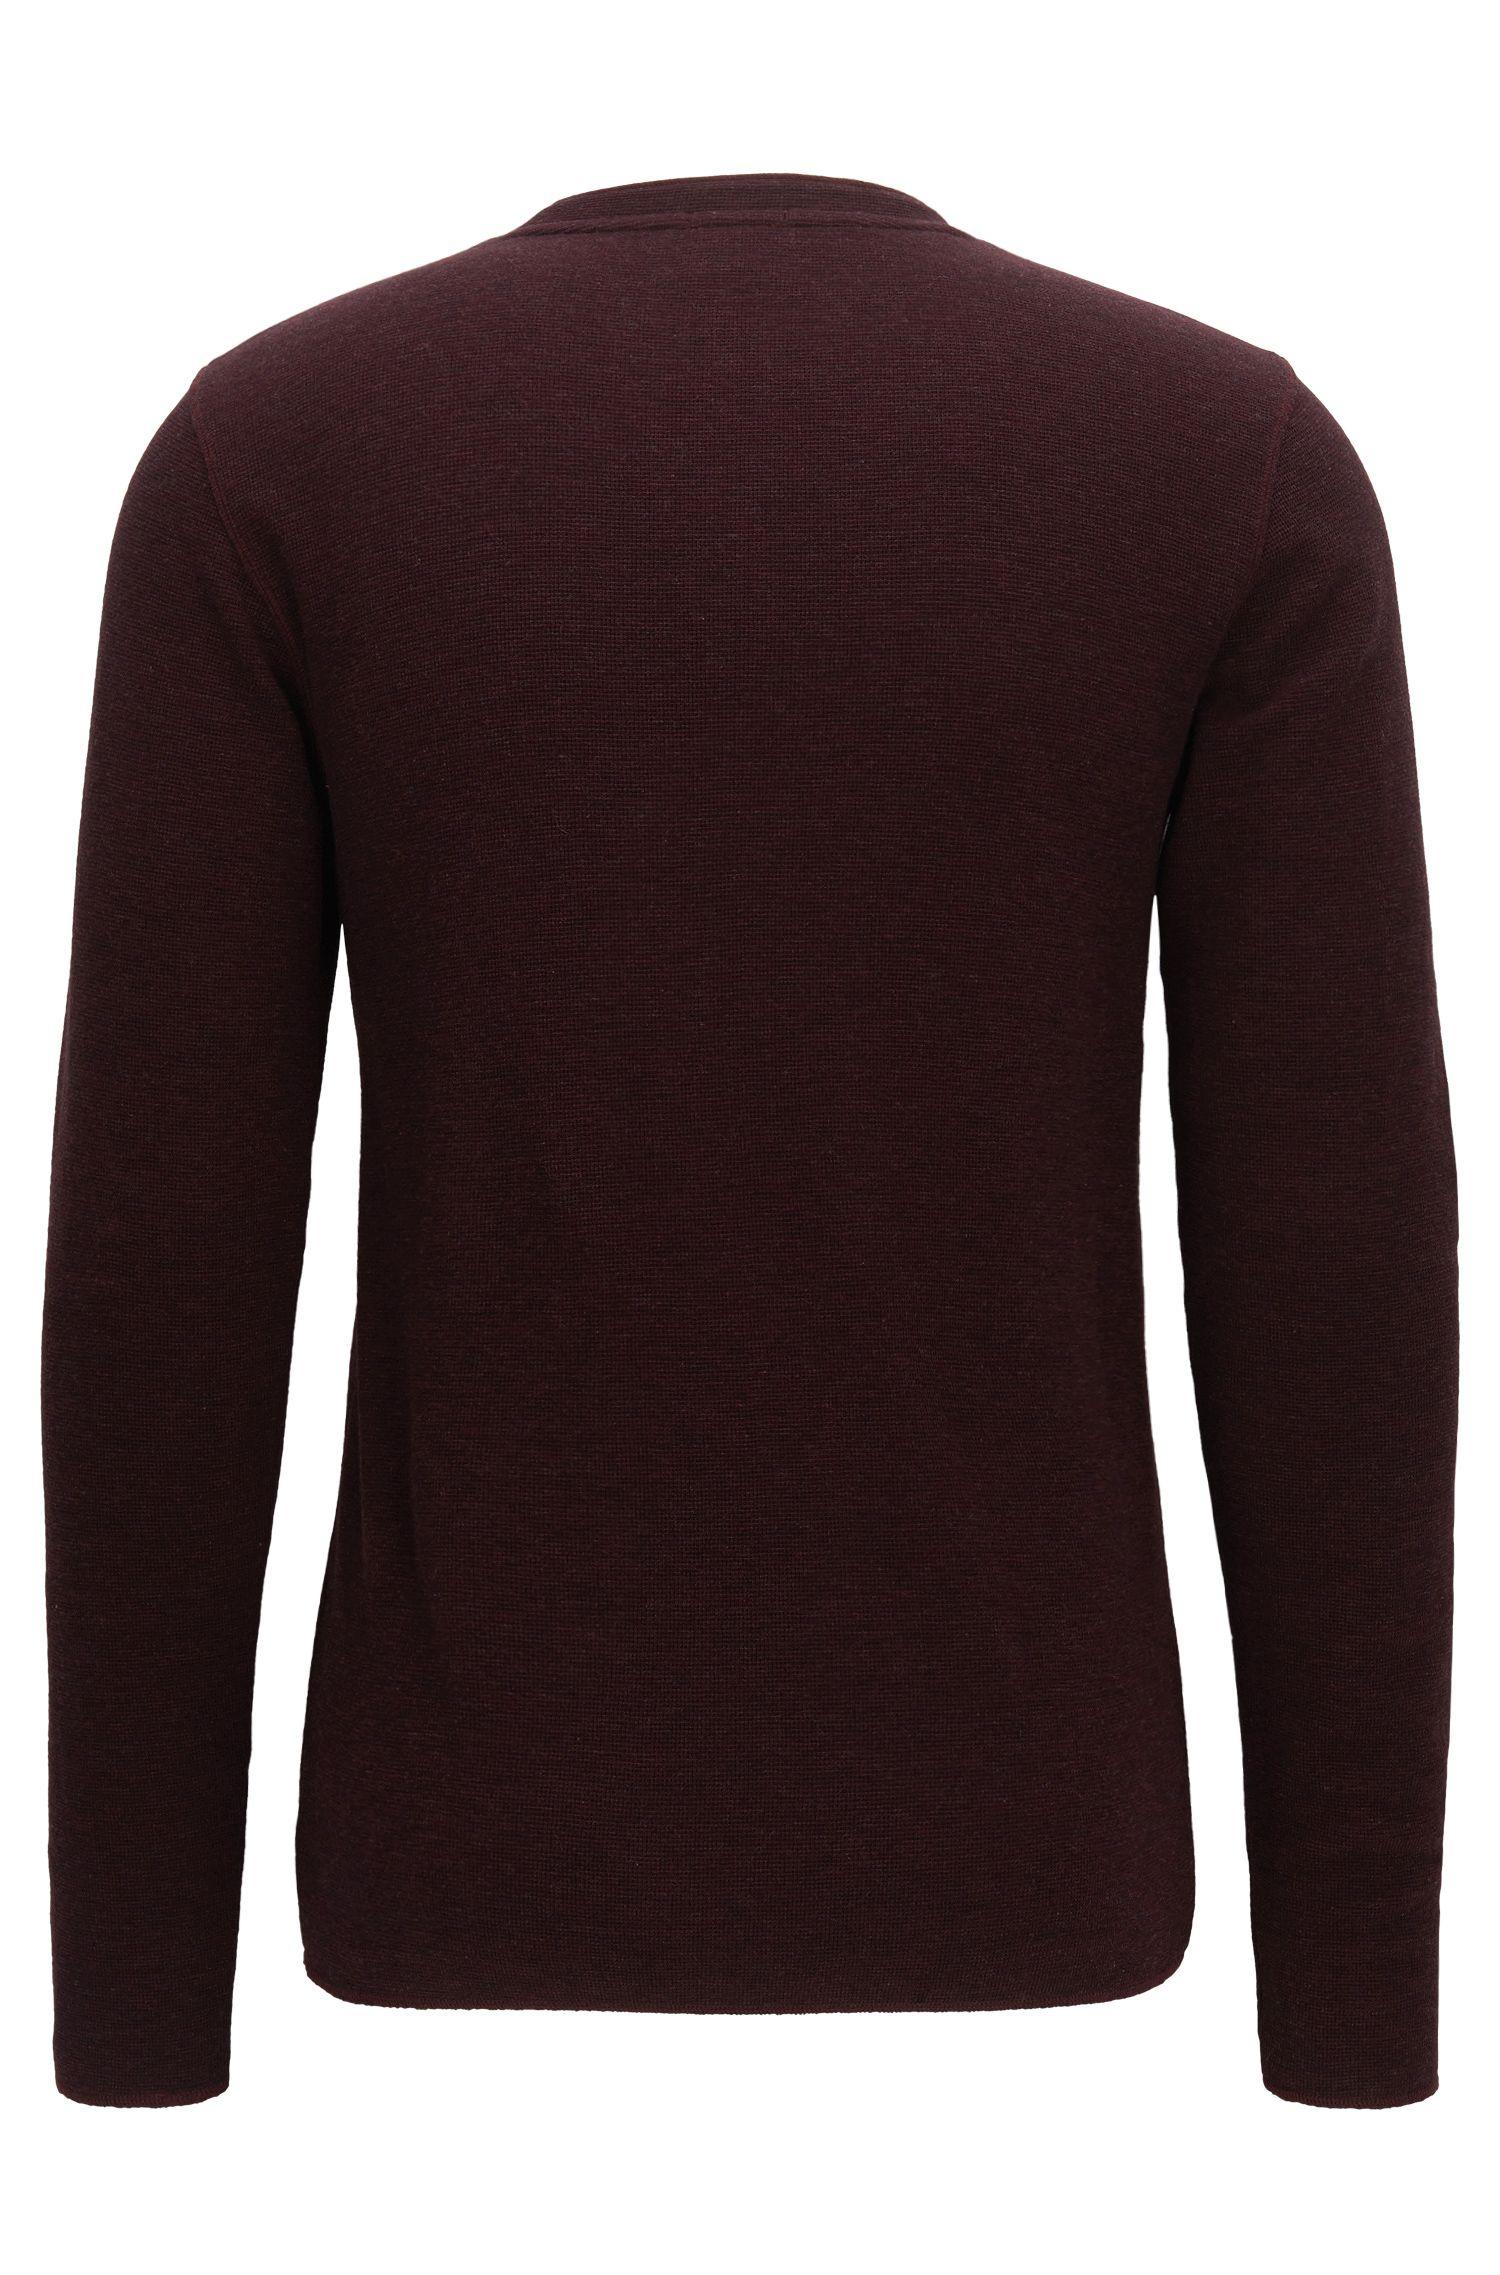 'Topsider' | Cotton Henley Shirt